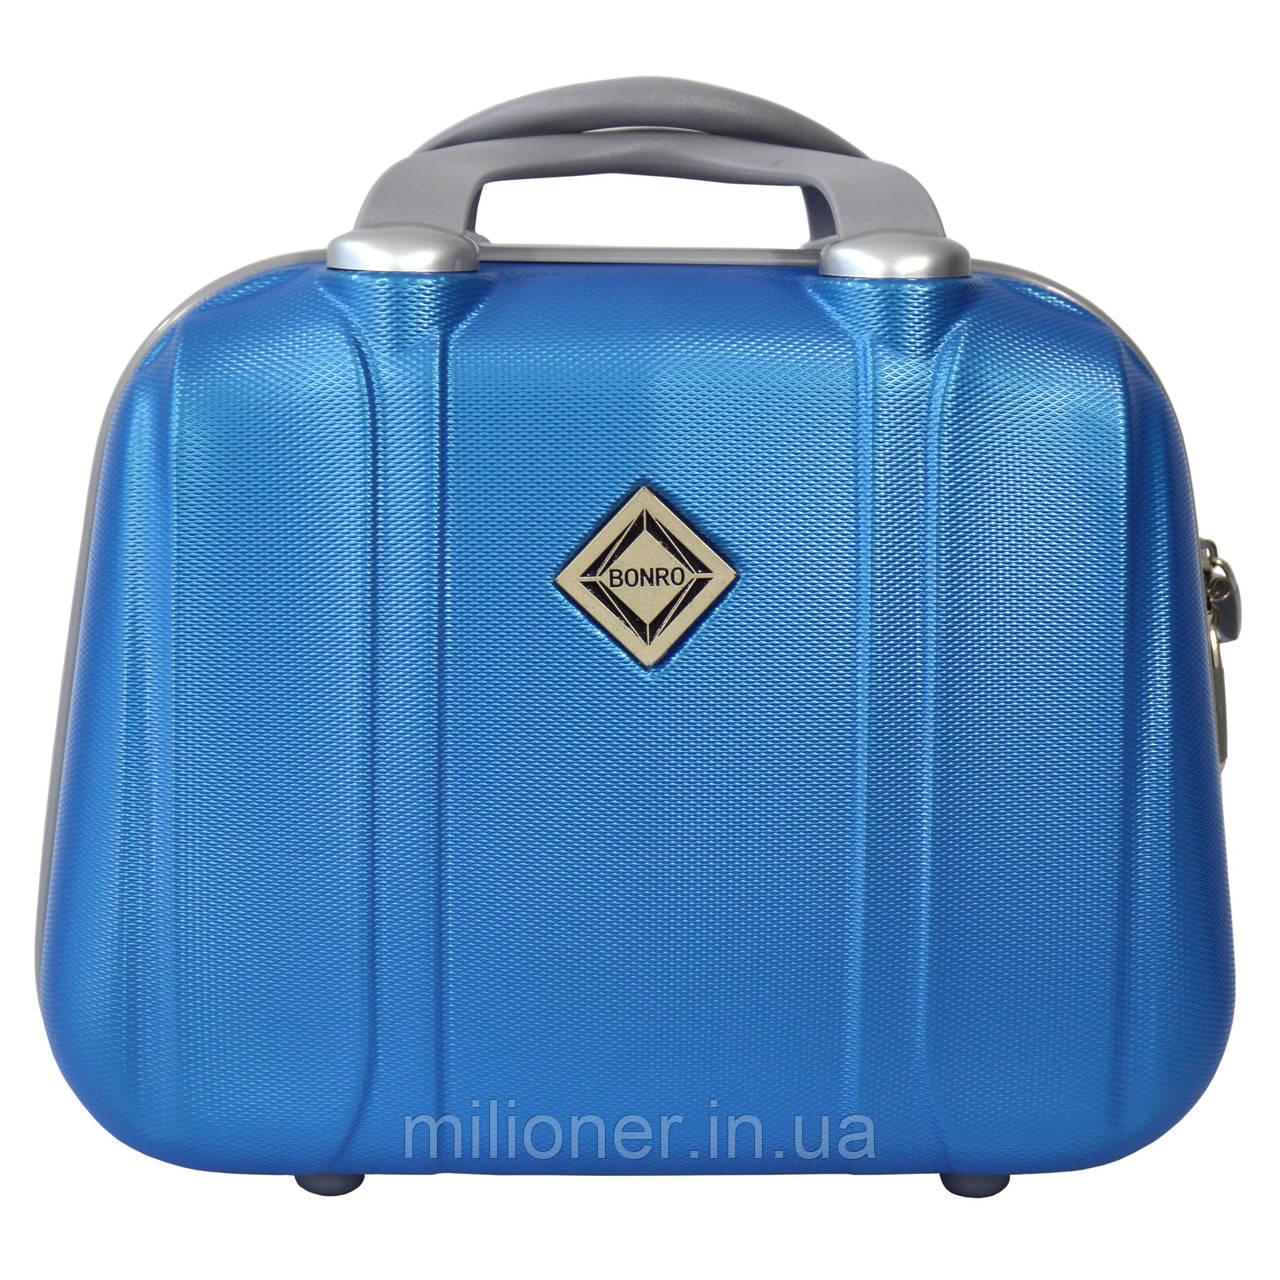 Сумка кейс саквояж Bonro Smile (большой) светло синий (blue 656)